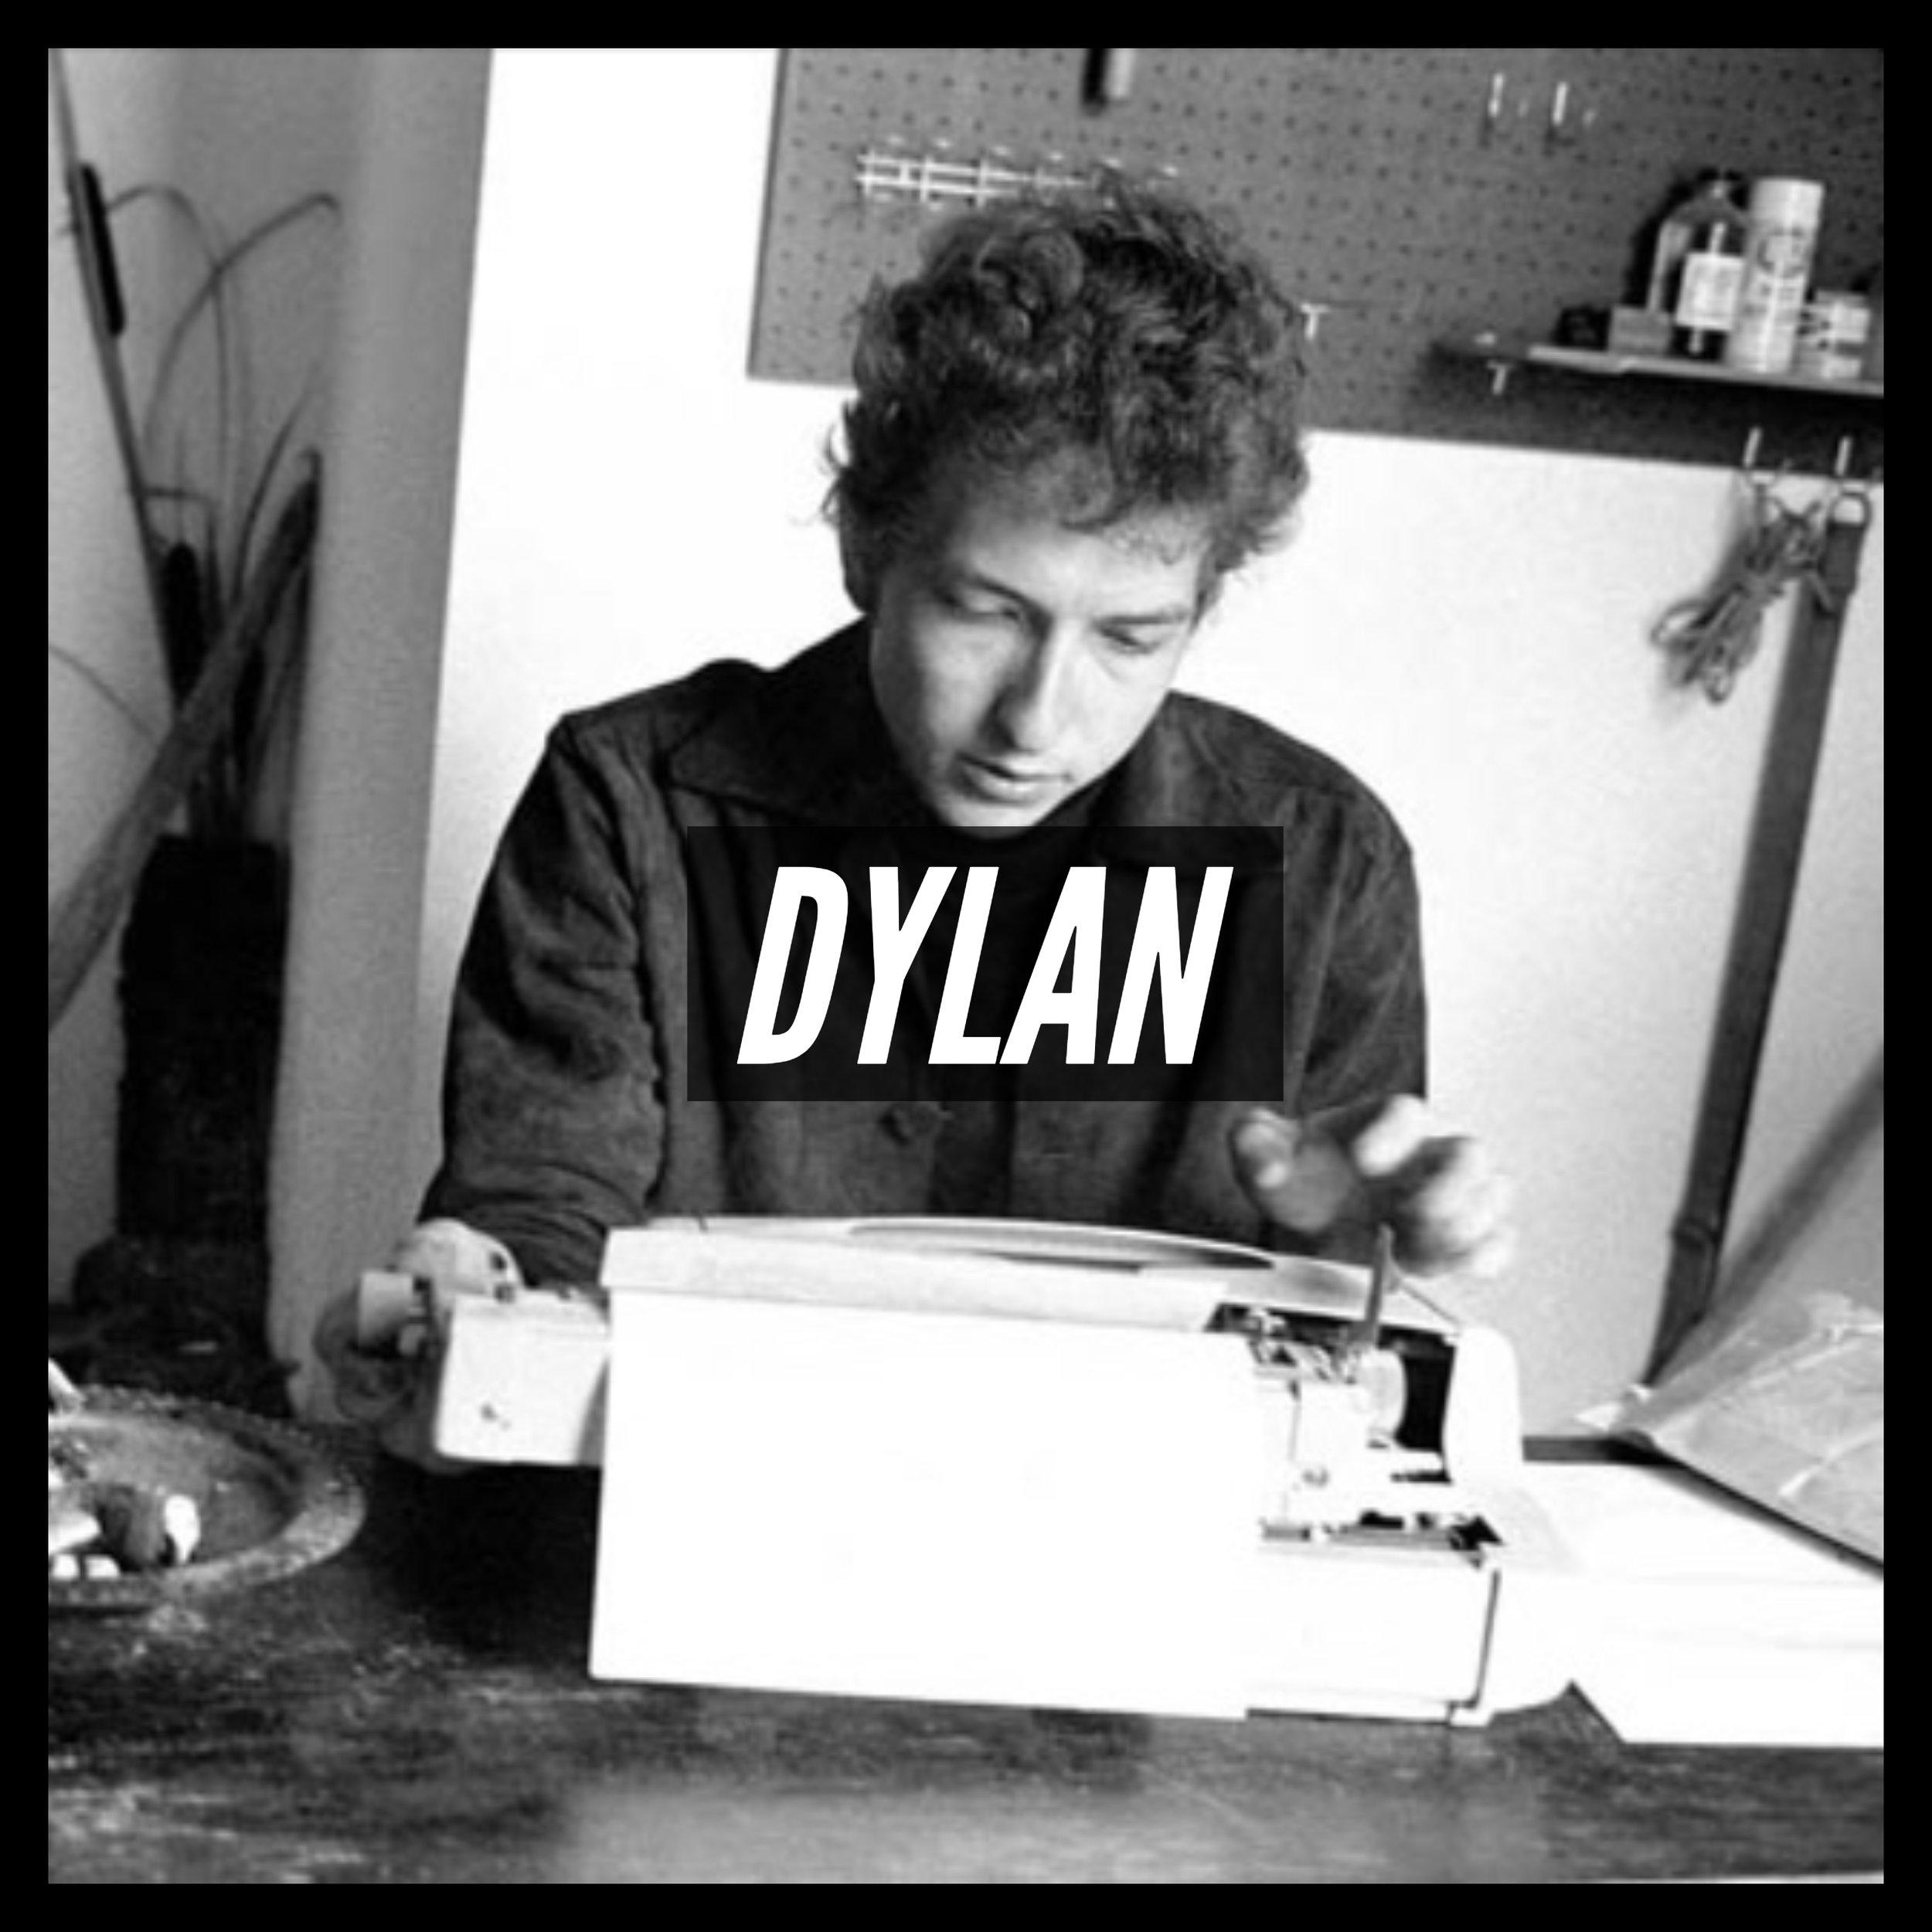 DYLAN BUTTON.jpg